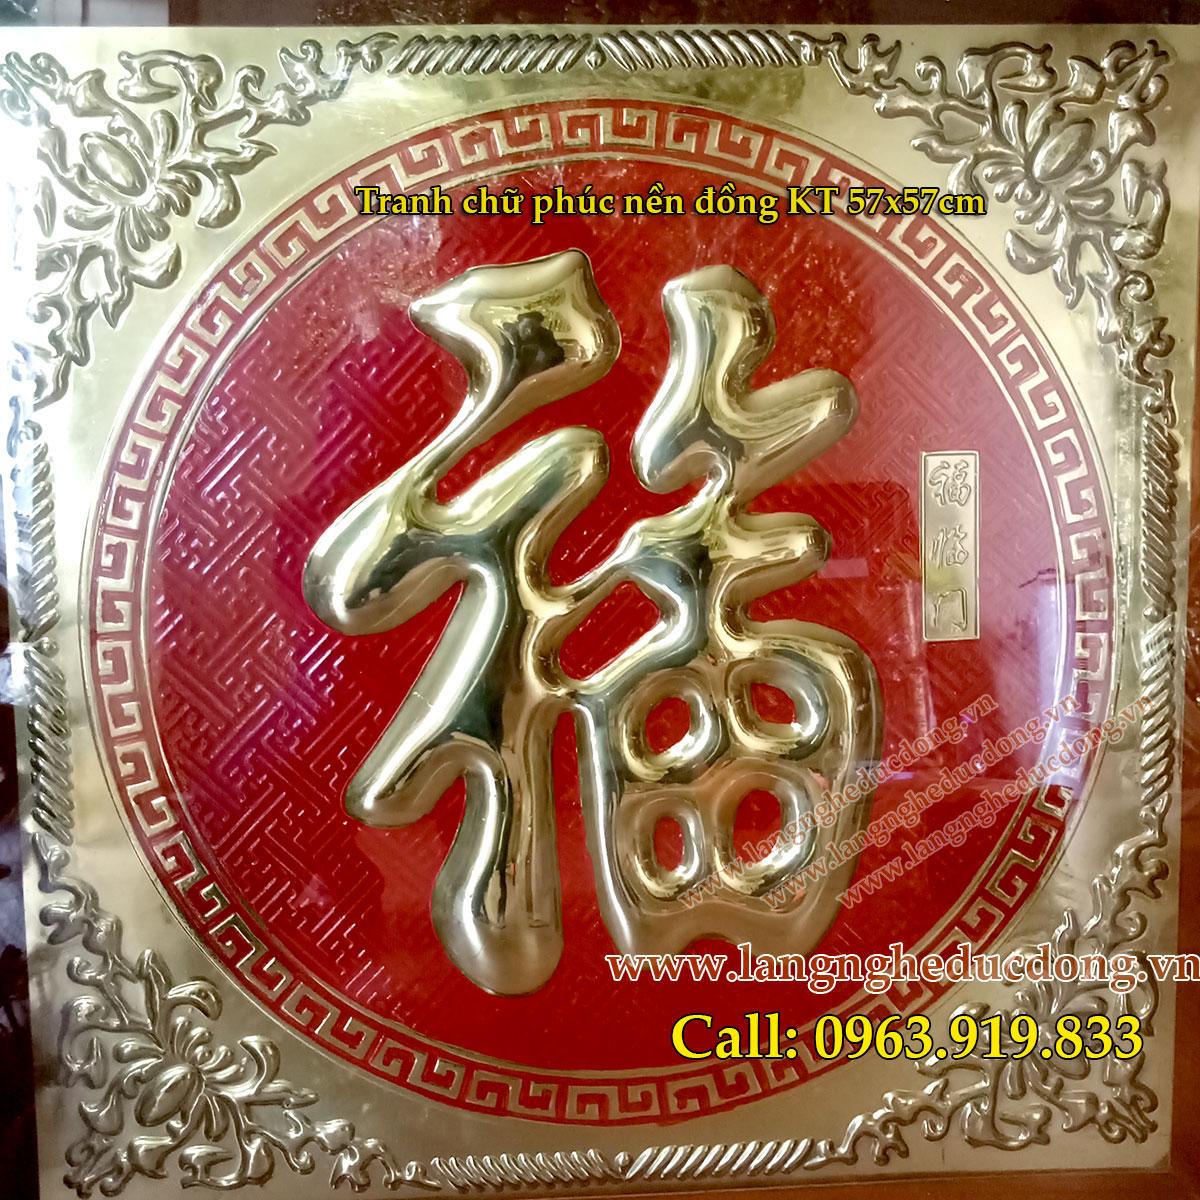 Tranh đồng chữ phúc kích thước 57x57cm, bán tranh đồng, bán tranh chữ phúc